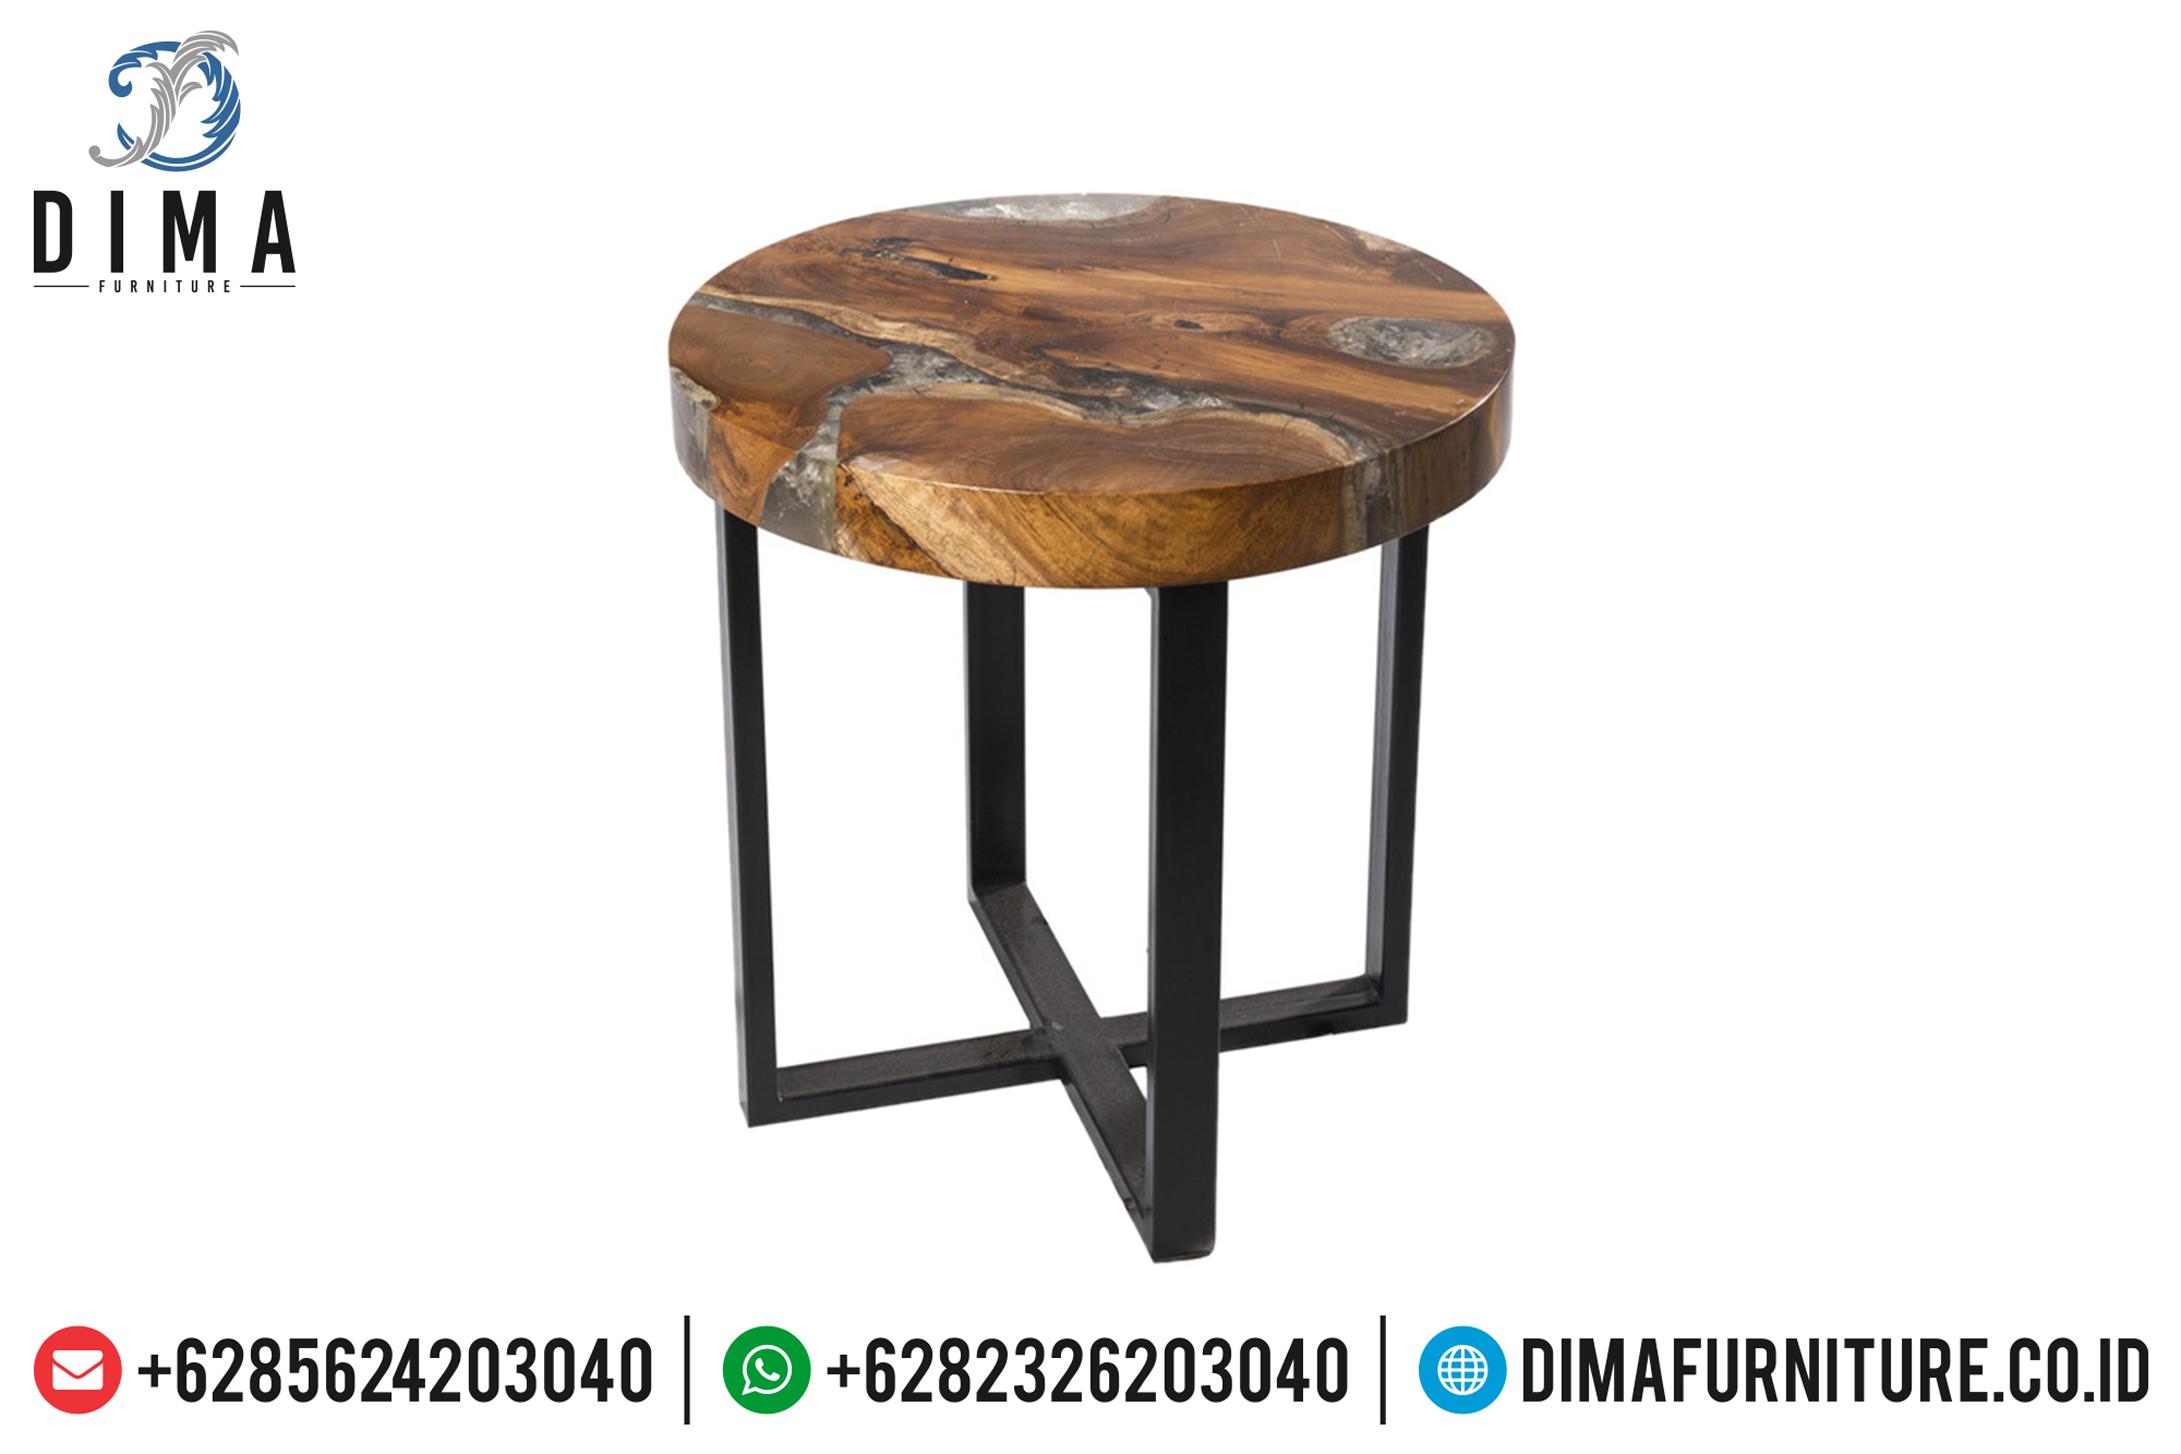 Stool Resin Design, Meja Jati Dengan Resin, Resin Furniture Indonesia ST-0646